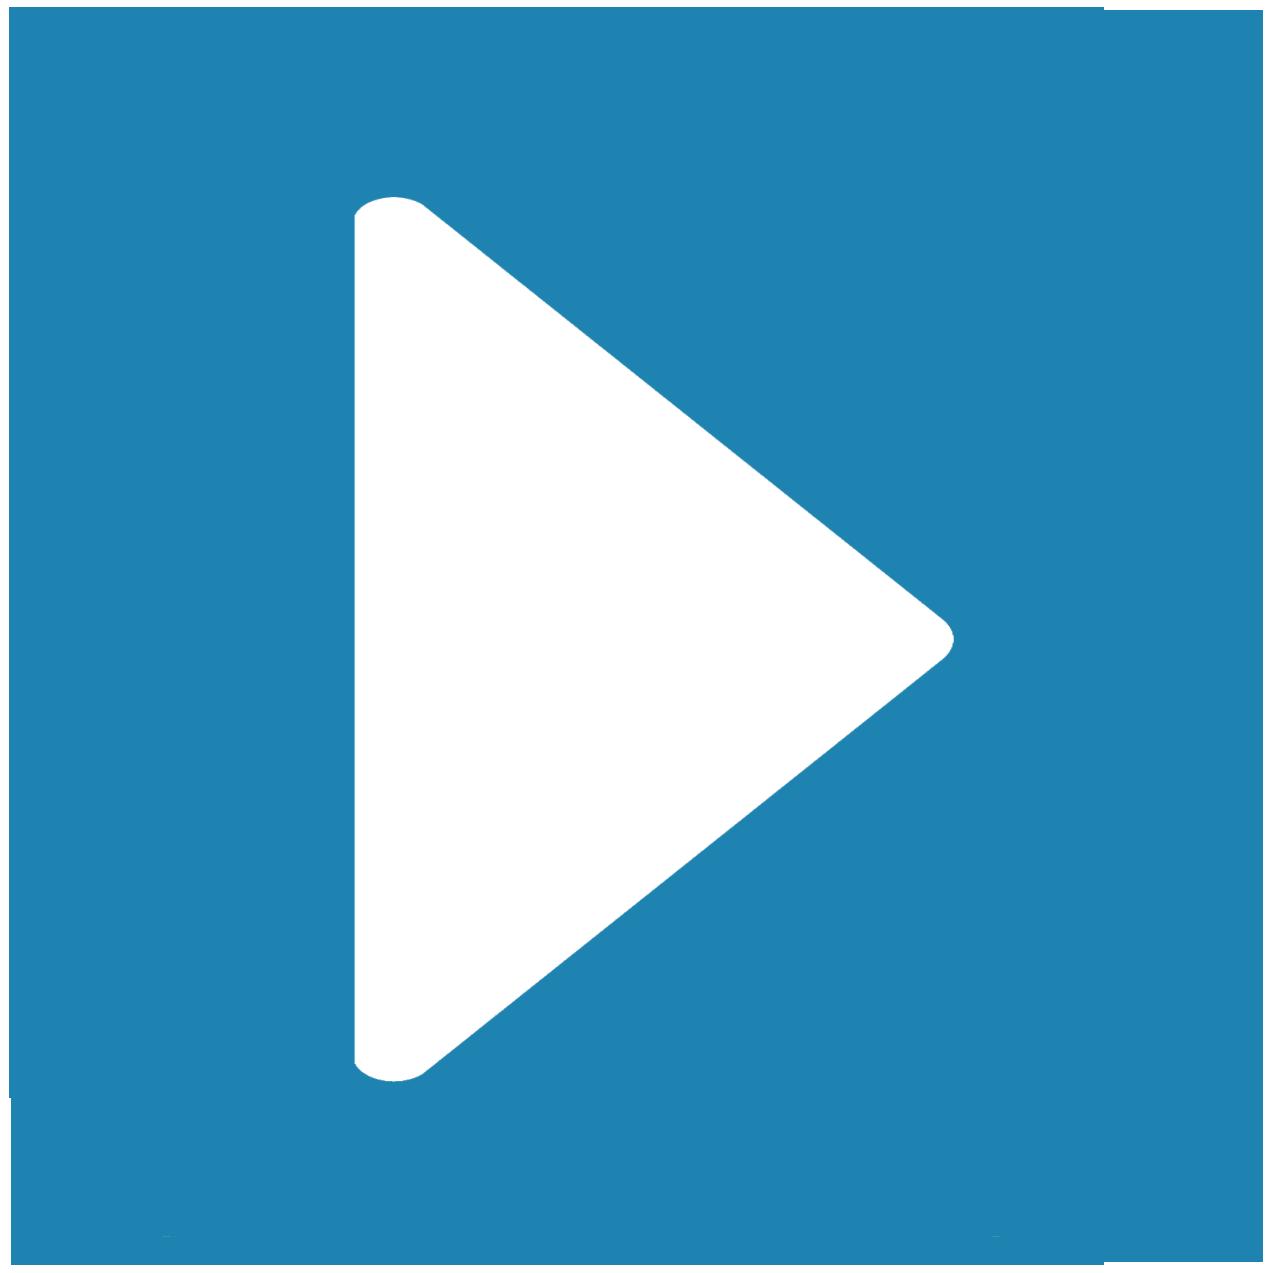 Resultado de imagen de flecha azul icono